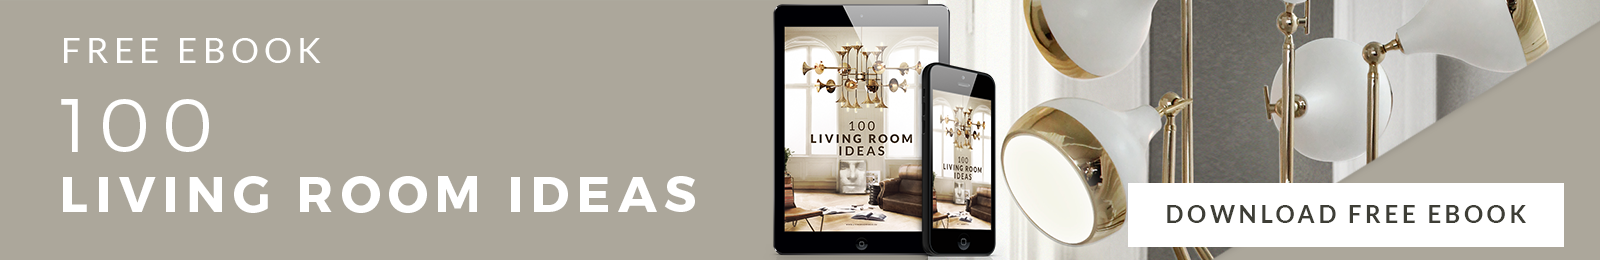 угловые столики Роскошные маленькие угловые столики для вашей гостиной 100 living room ideas blog living room ideas